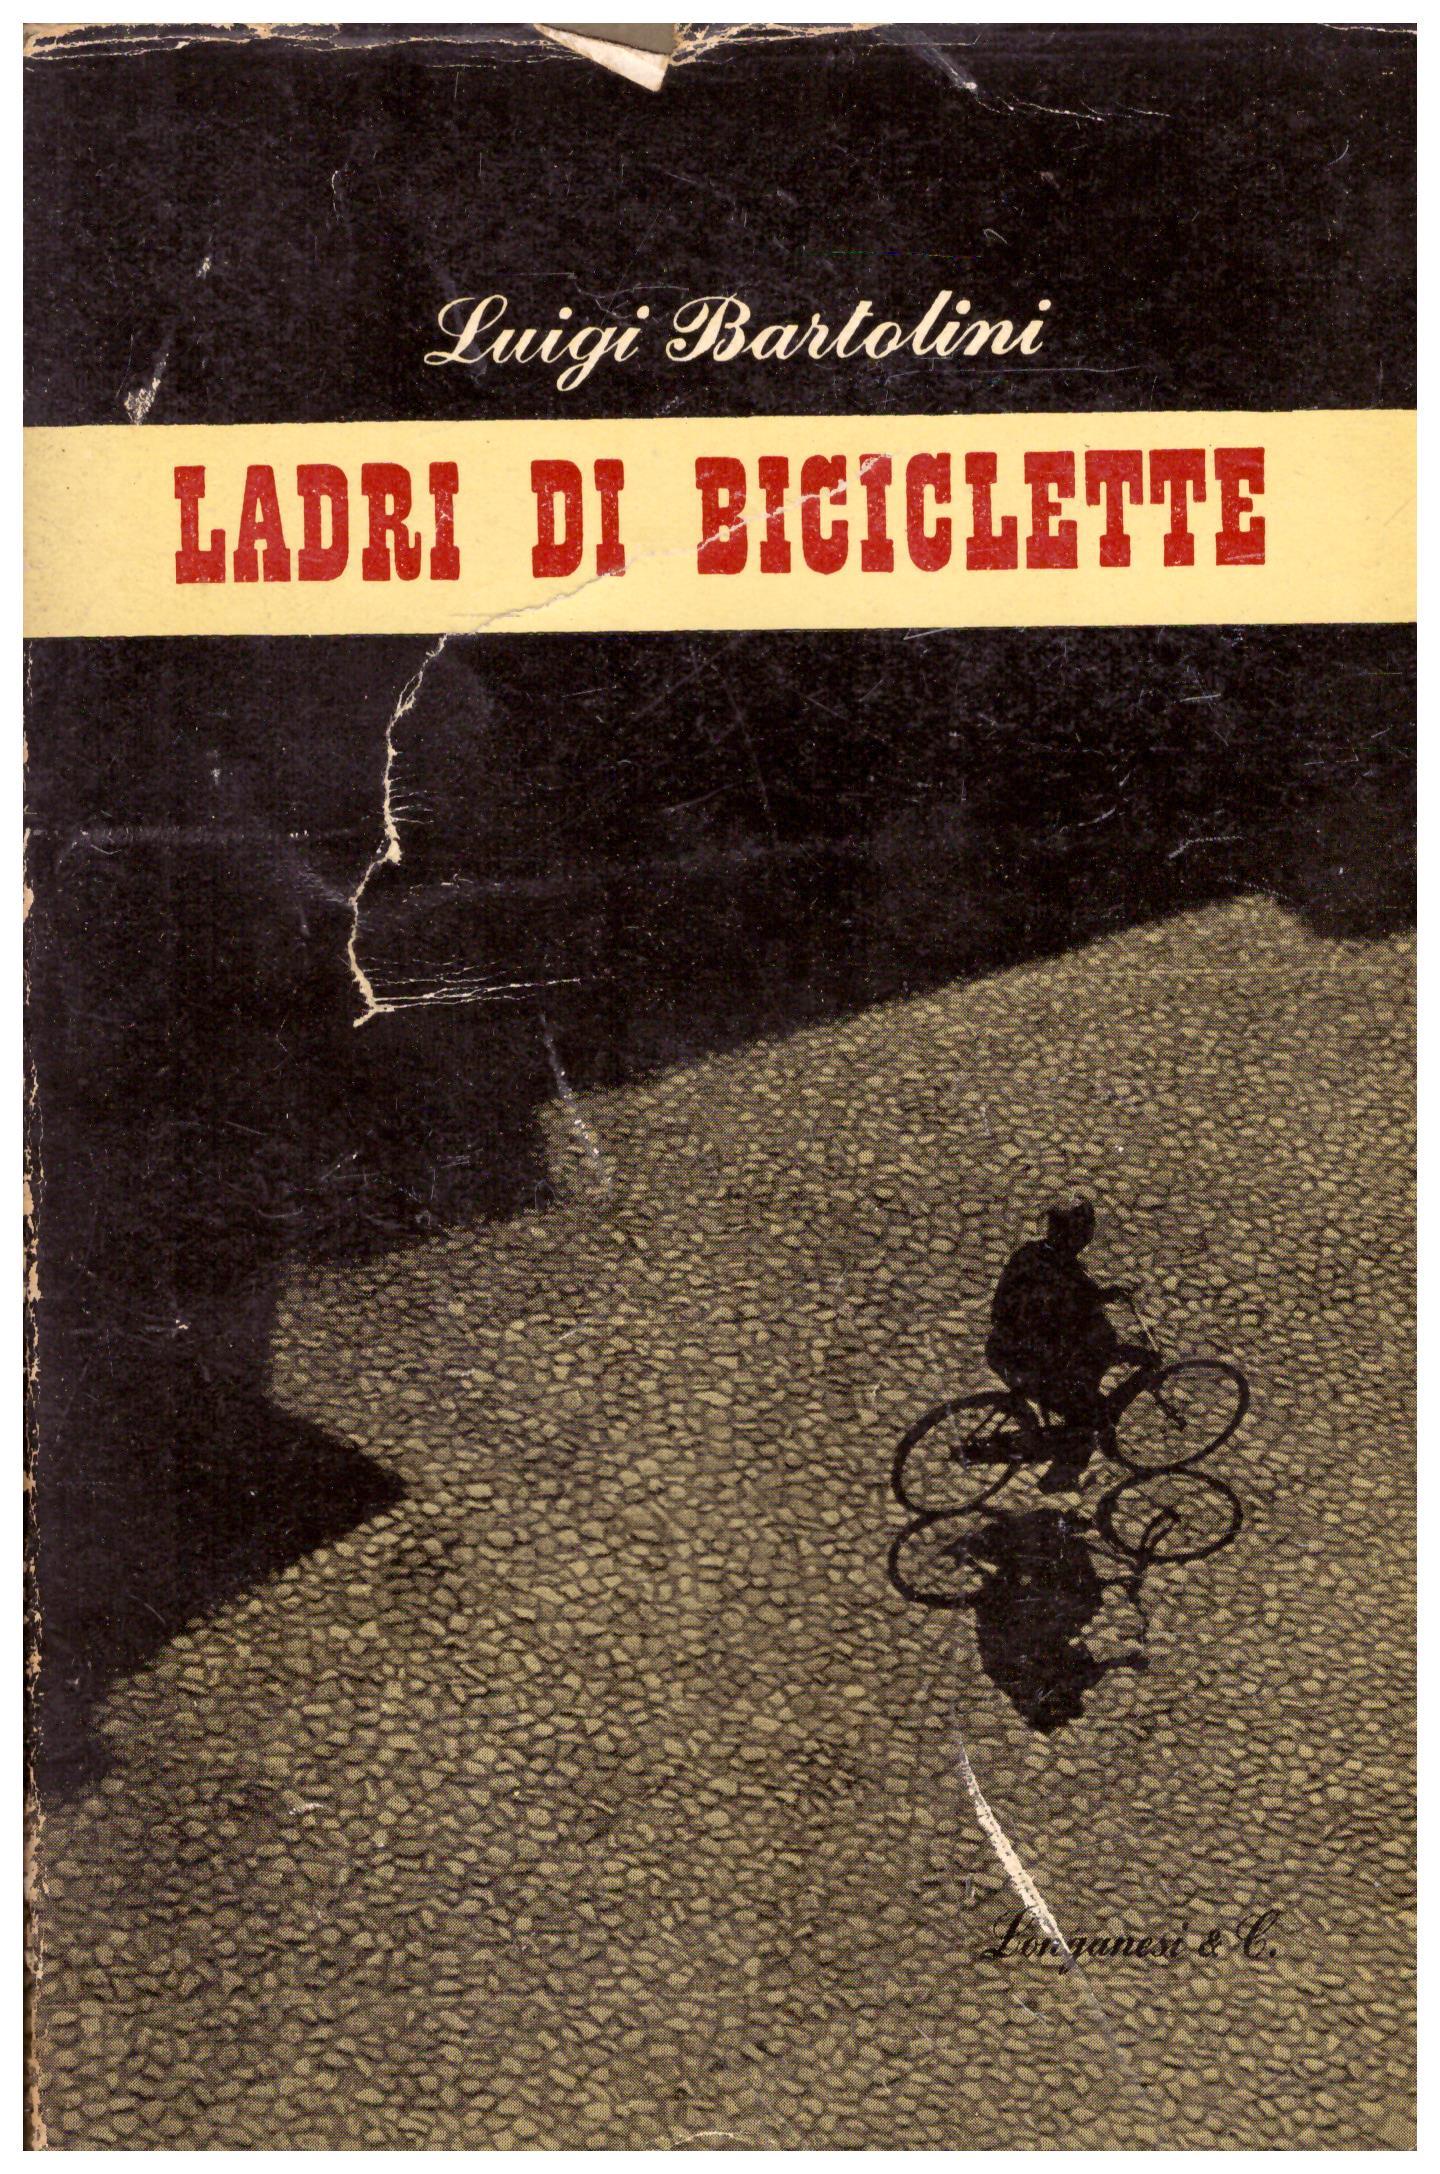 Titolo: Ladri di biciclette Autore: Luigi Bartolini Editore: Longanesi, finito di stampare il 28 febbraio 1948 nello stabilimento grafico R. Scotti, Milano